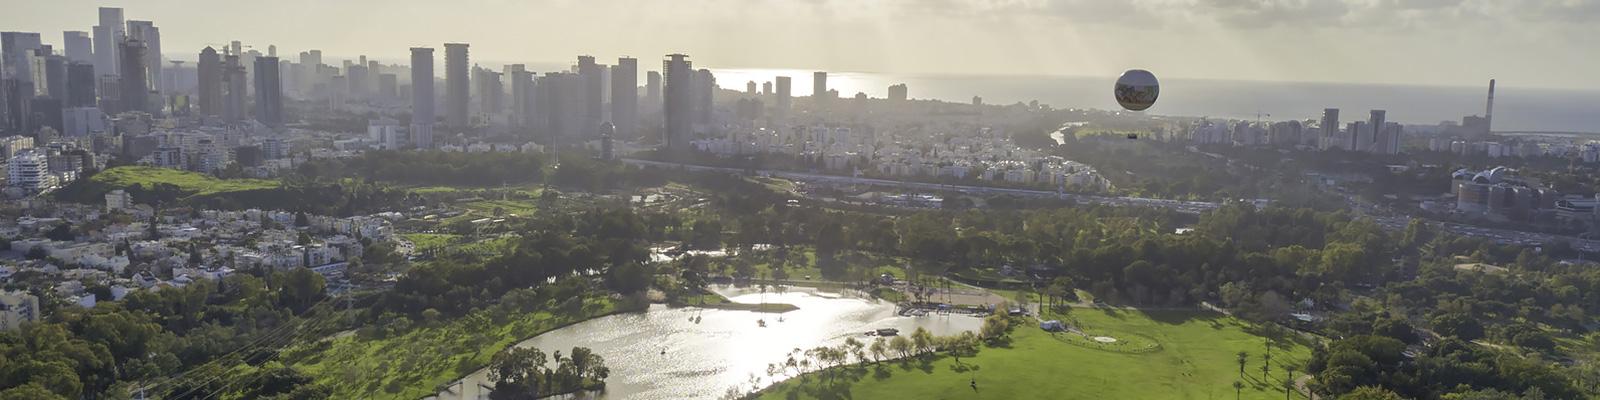 イスラエル 景観 イメージ